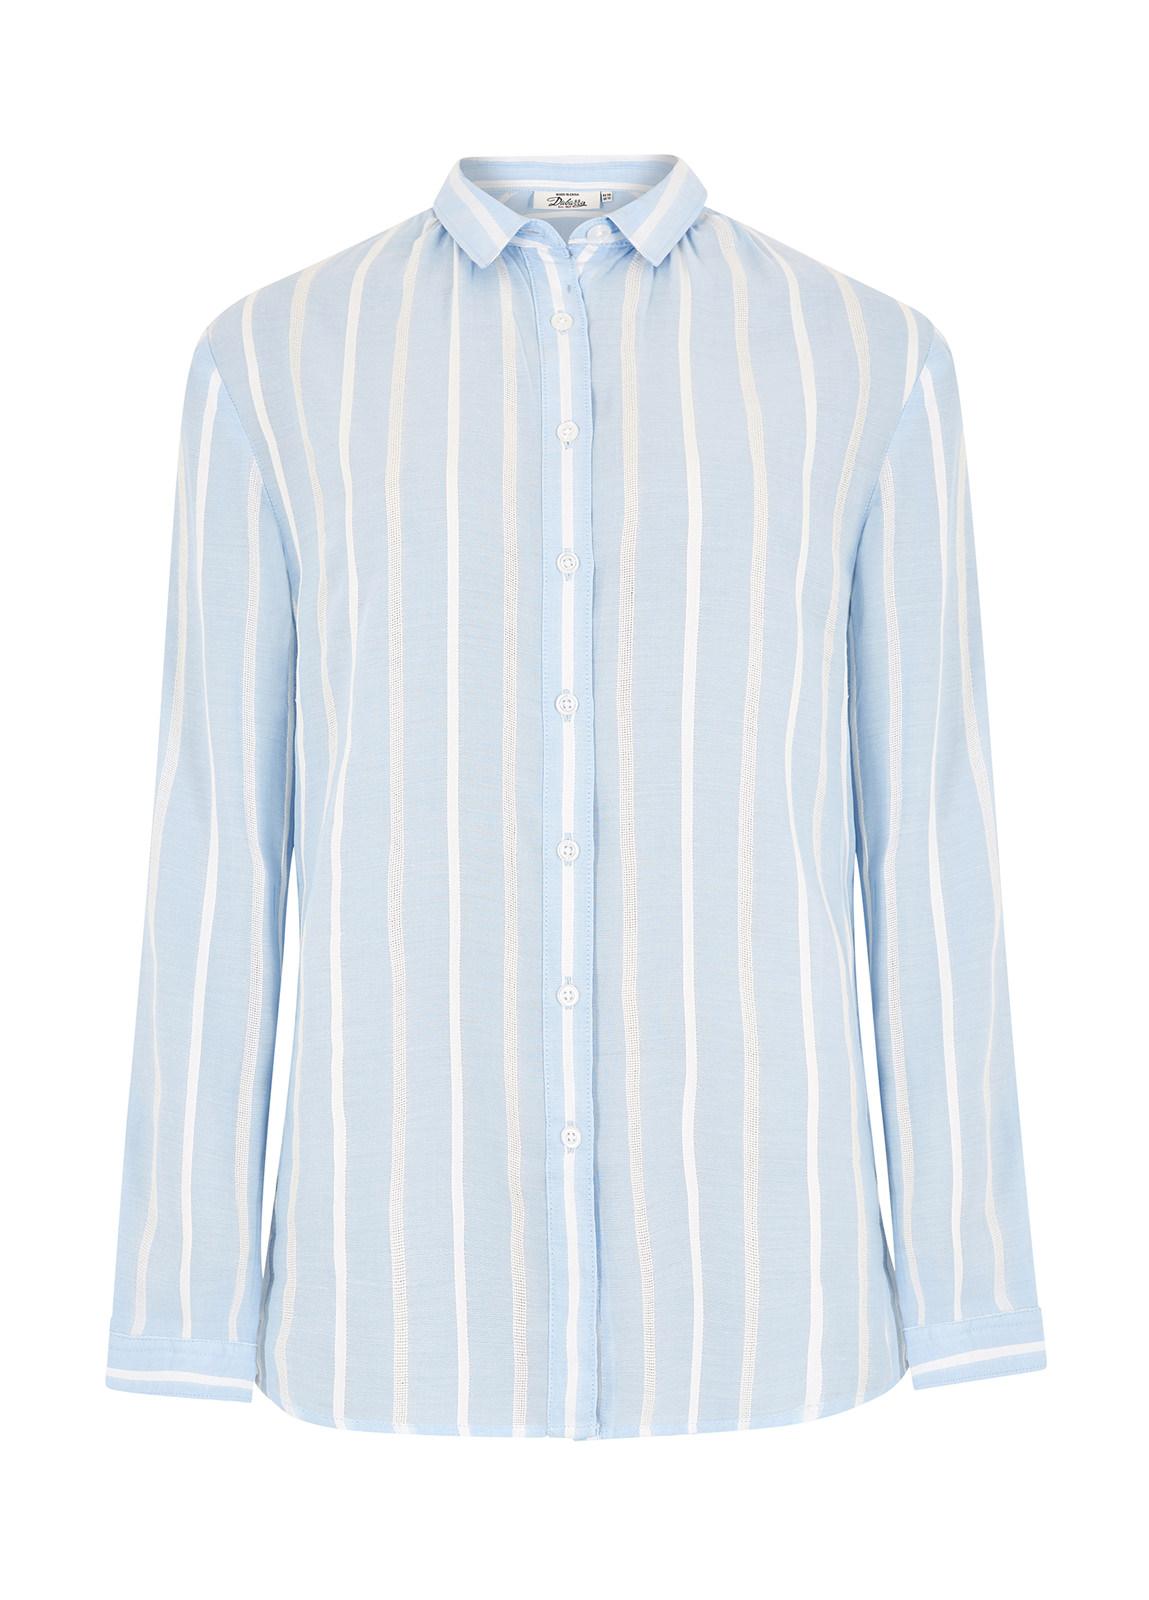 Dubarry_Violet Shirt - Pale Blue_Image_2